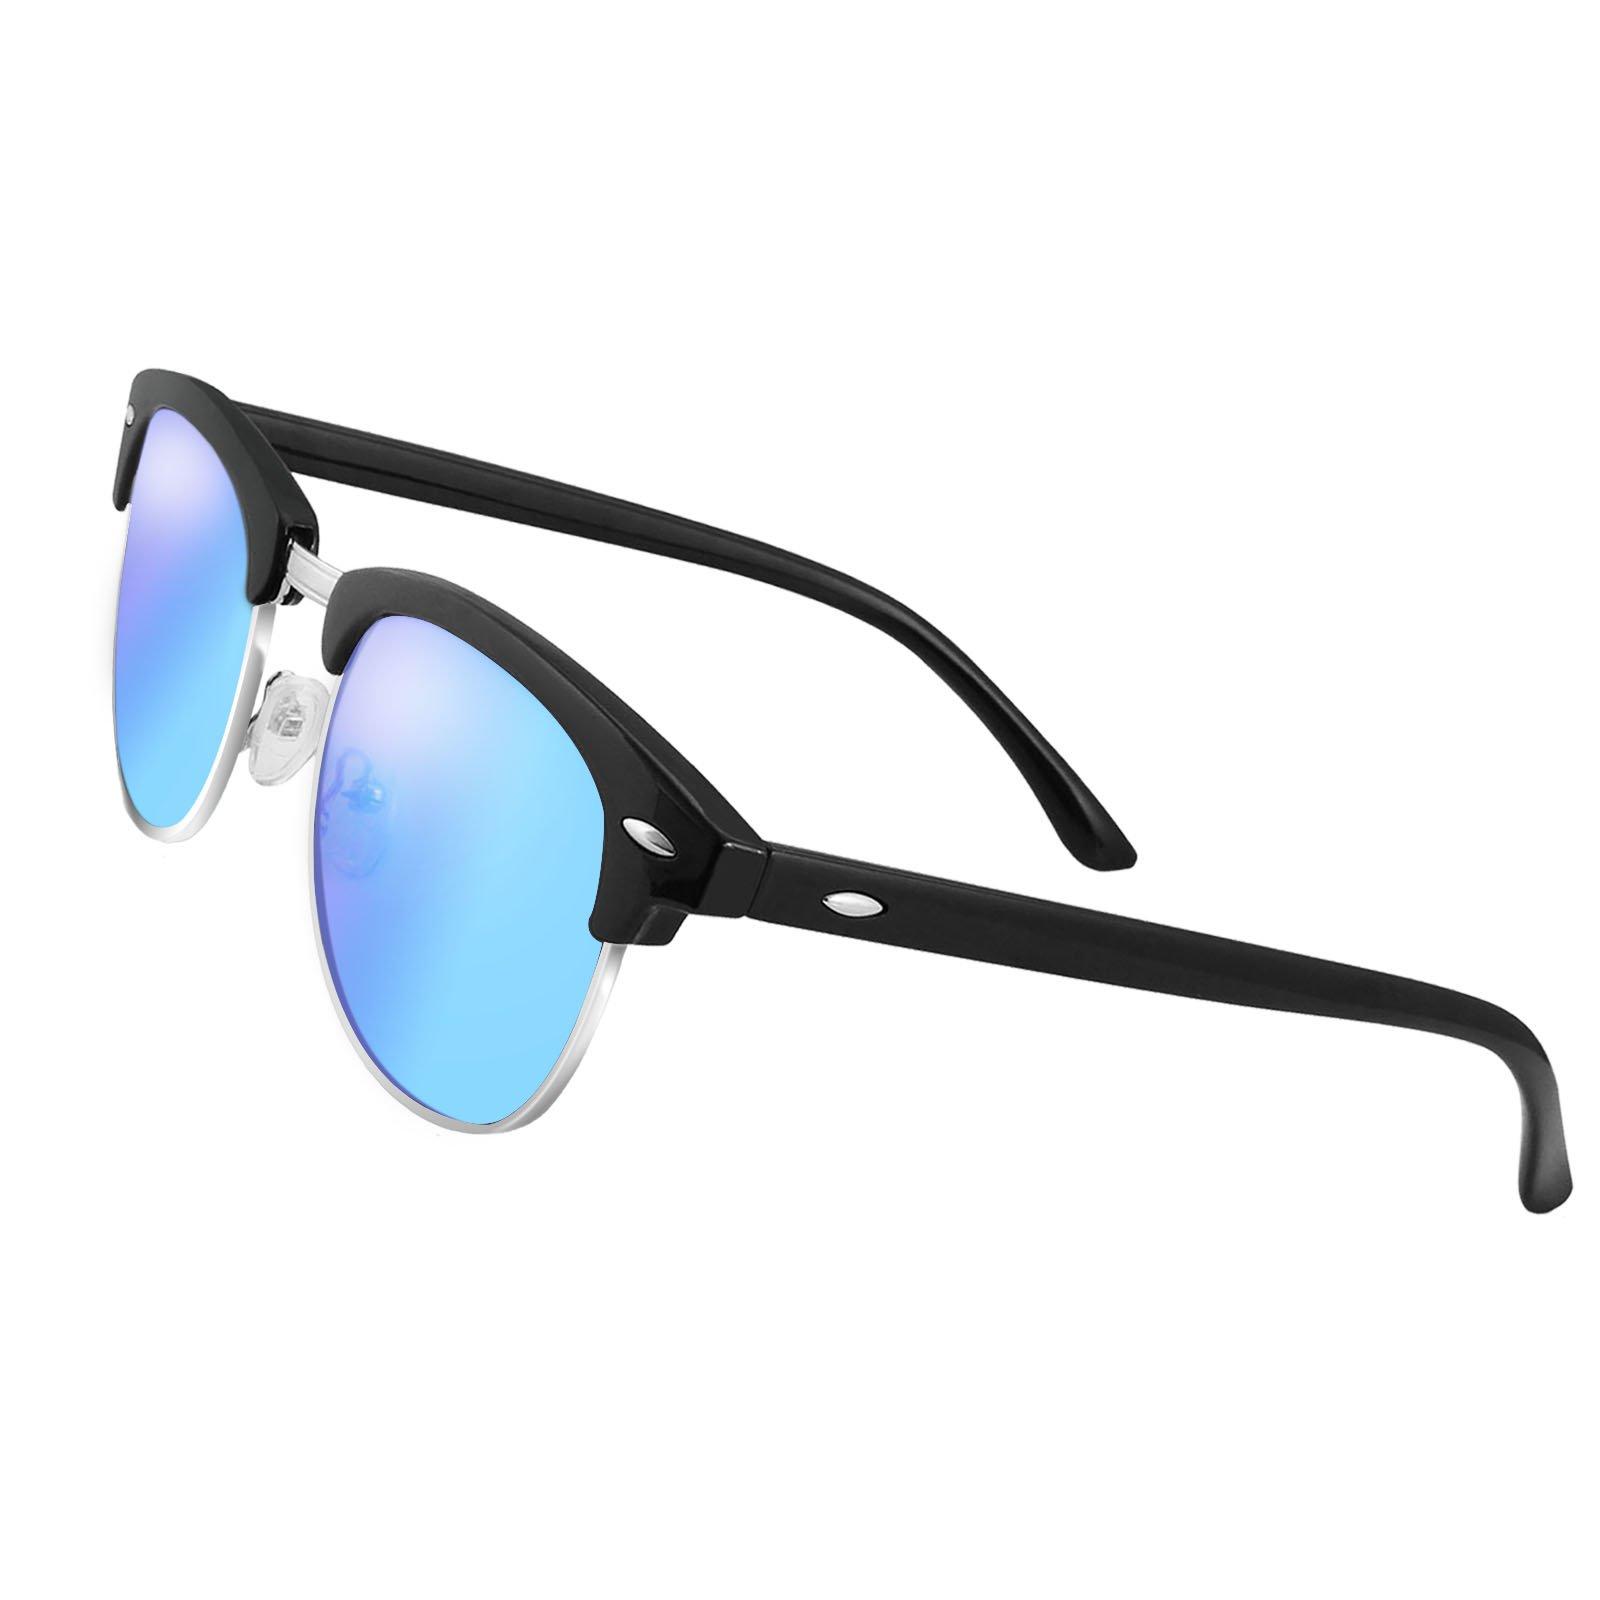 LIVHO G|Semi Rimless Polarized Sunglasses Women Men Retro Brand Sunglasses Goggles UV400